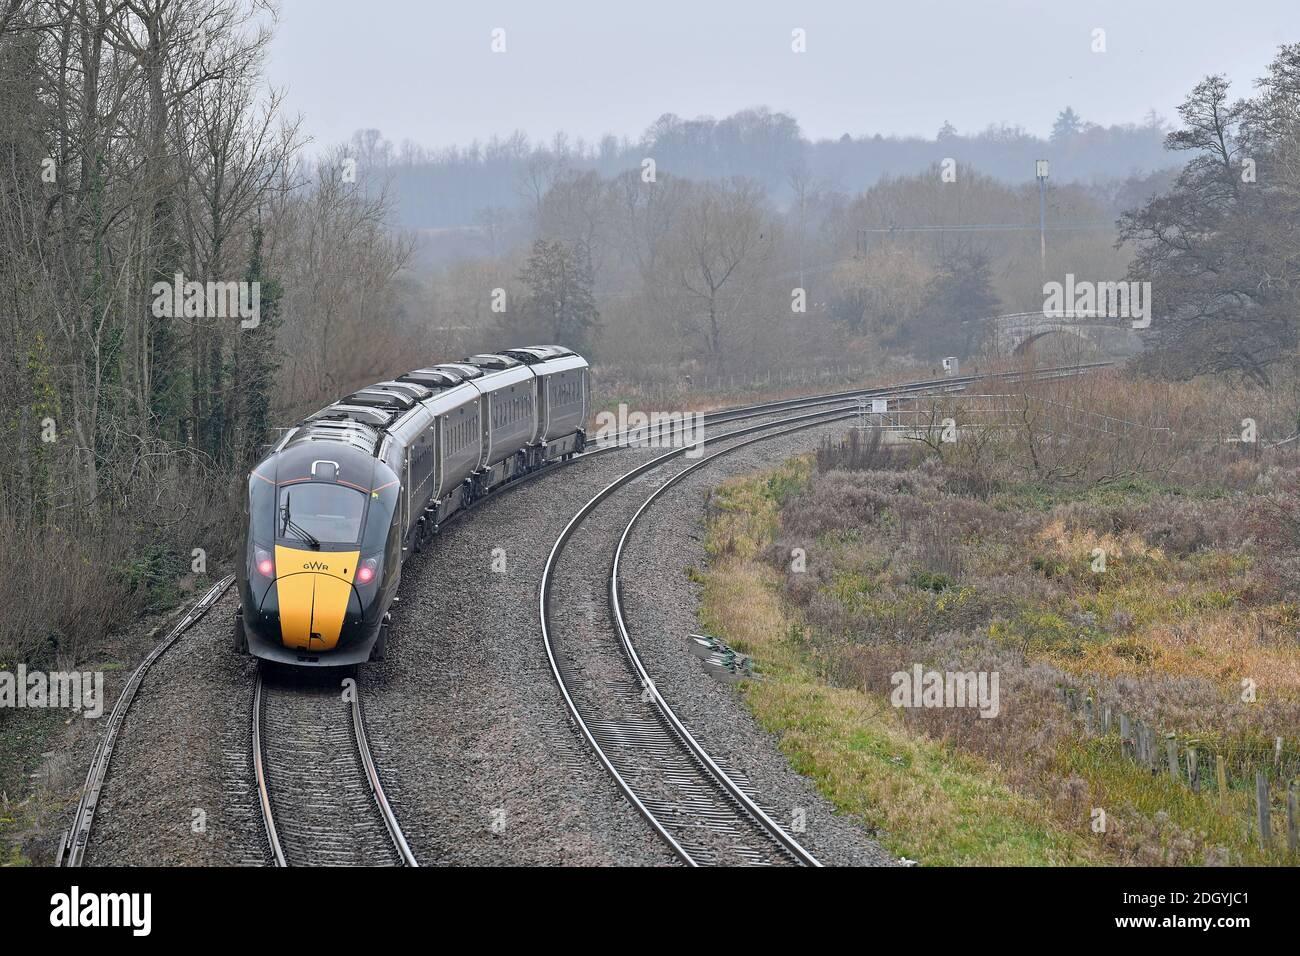 GV's des Dorfes Kintbury, in der Nähe von Hungerford, Berkshire - Zuglinie, Mittwoch, 2. Dezember 2020. Stockfoto